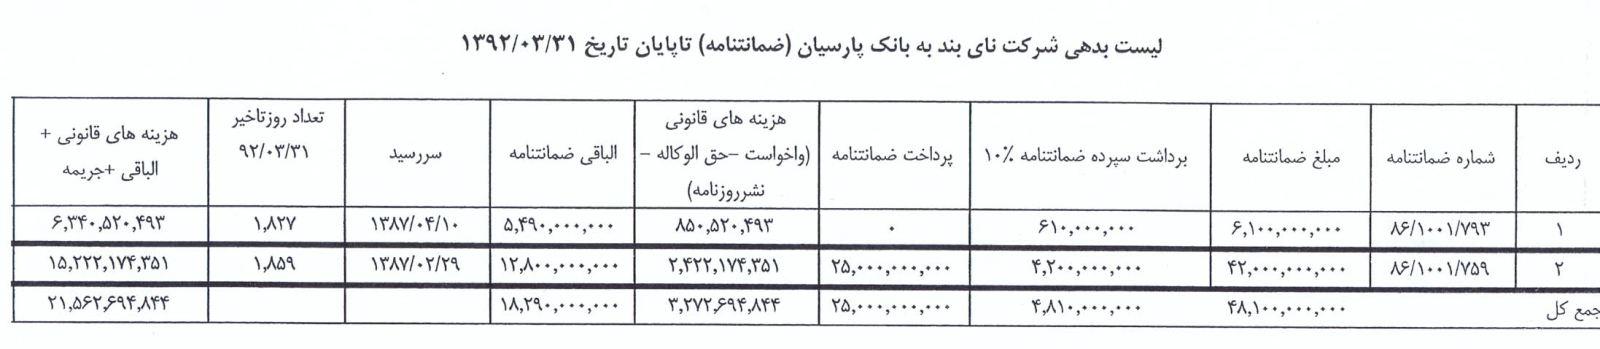 3193964 722 انتشار یک سند از ده ها برگ سند بدهکاری خریدار پرسپولیس